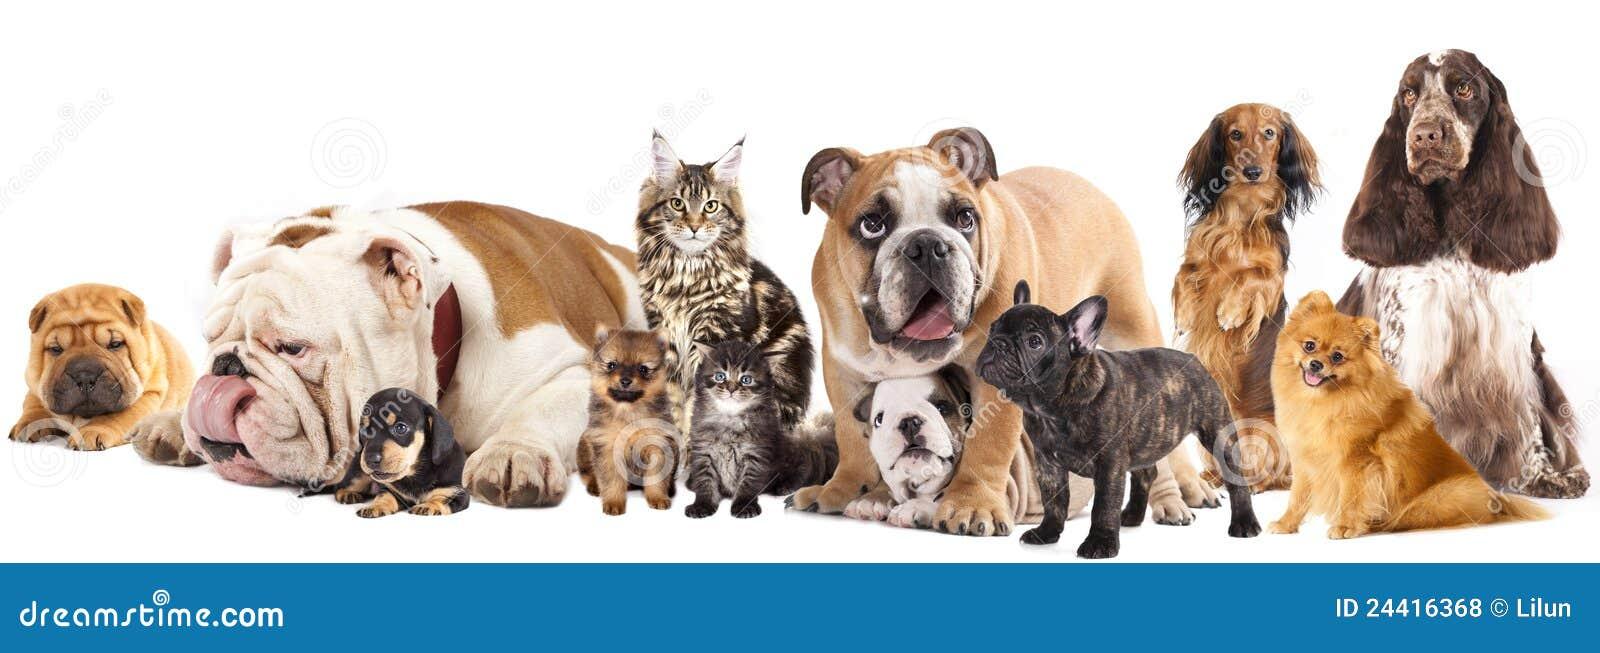 gruppe katzen und hunde lizenzfreie stockfotos  bild